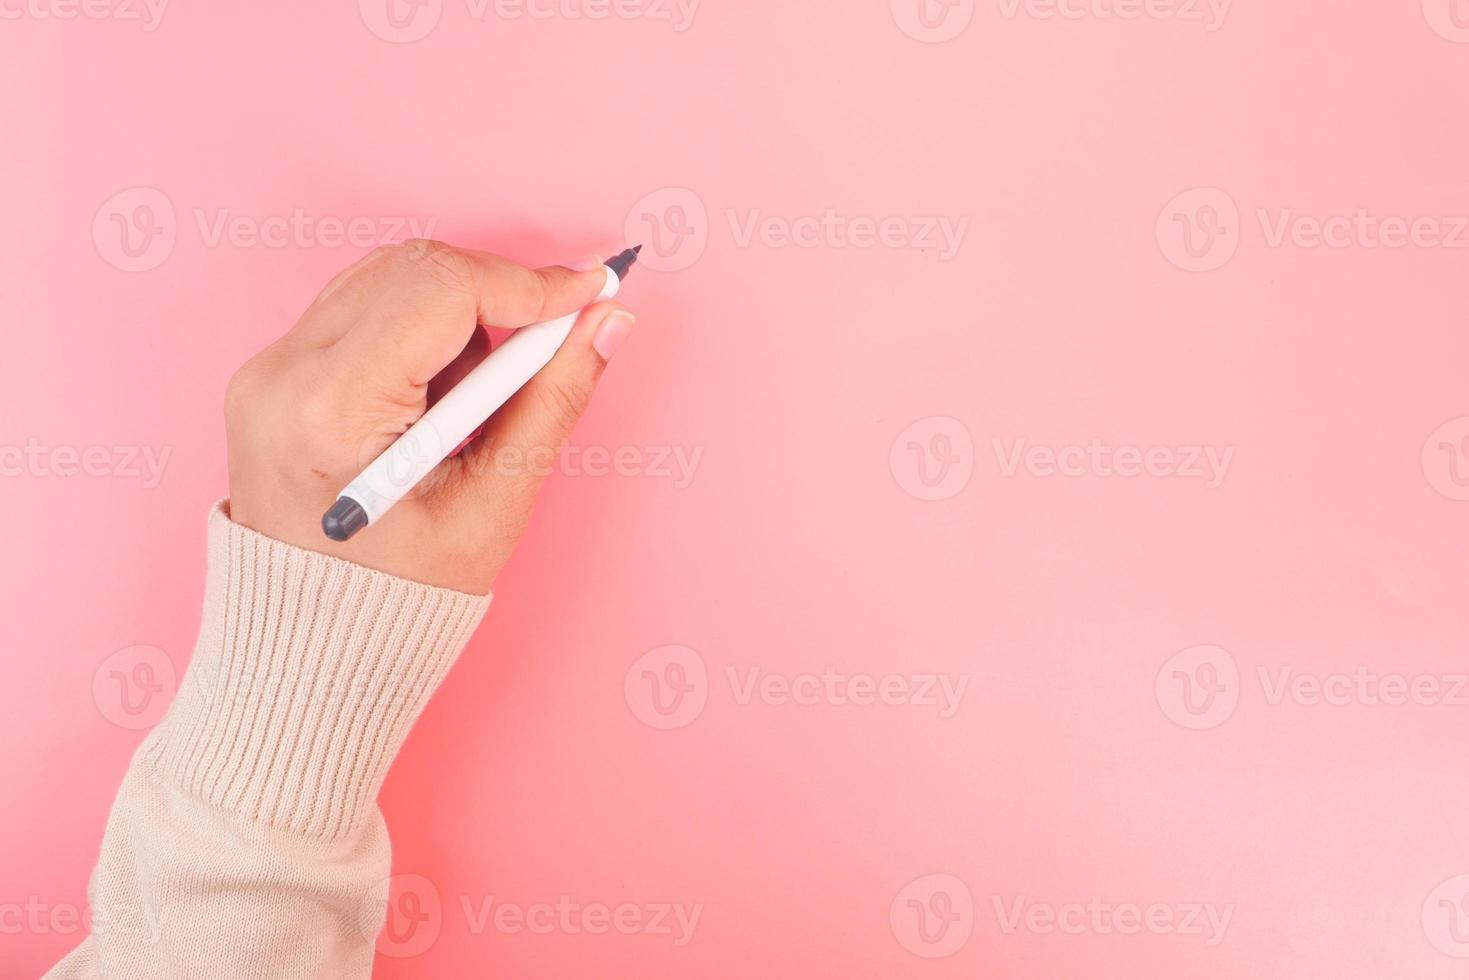 vrouwen die met pen op roze achtergrond schrijven foto